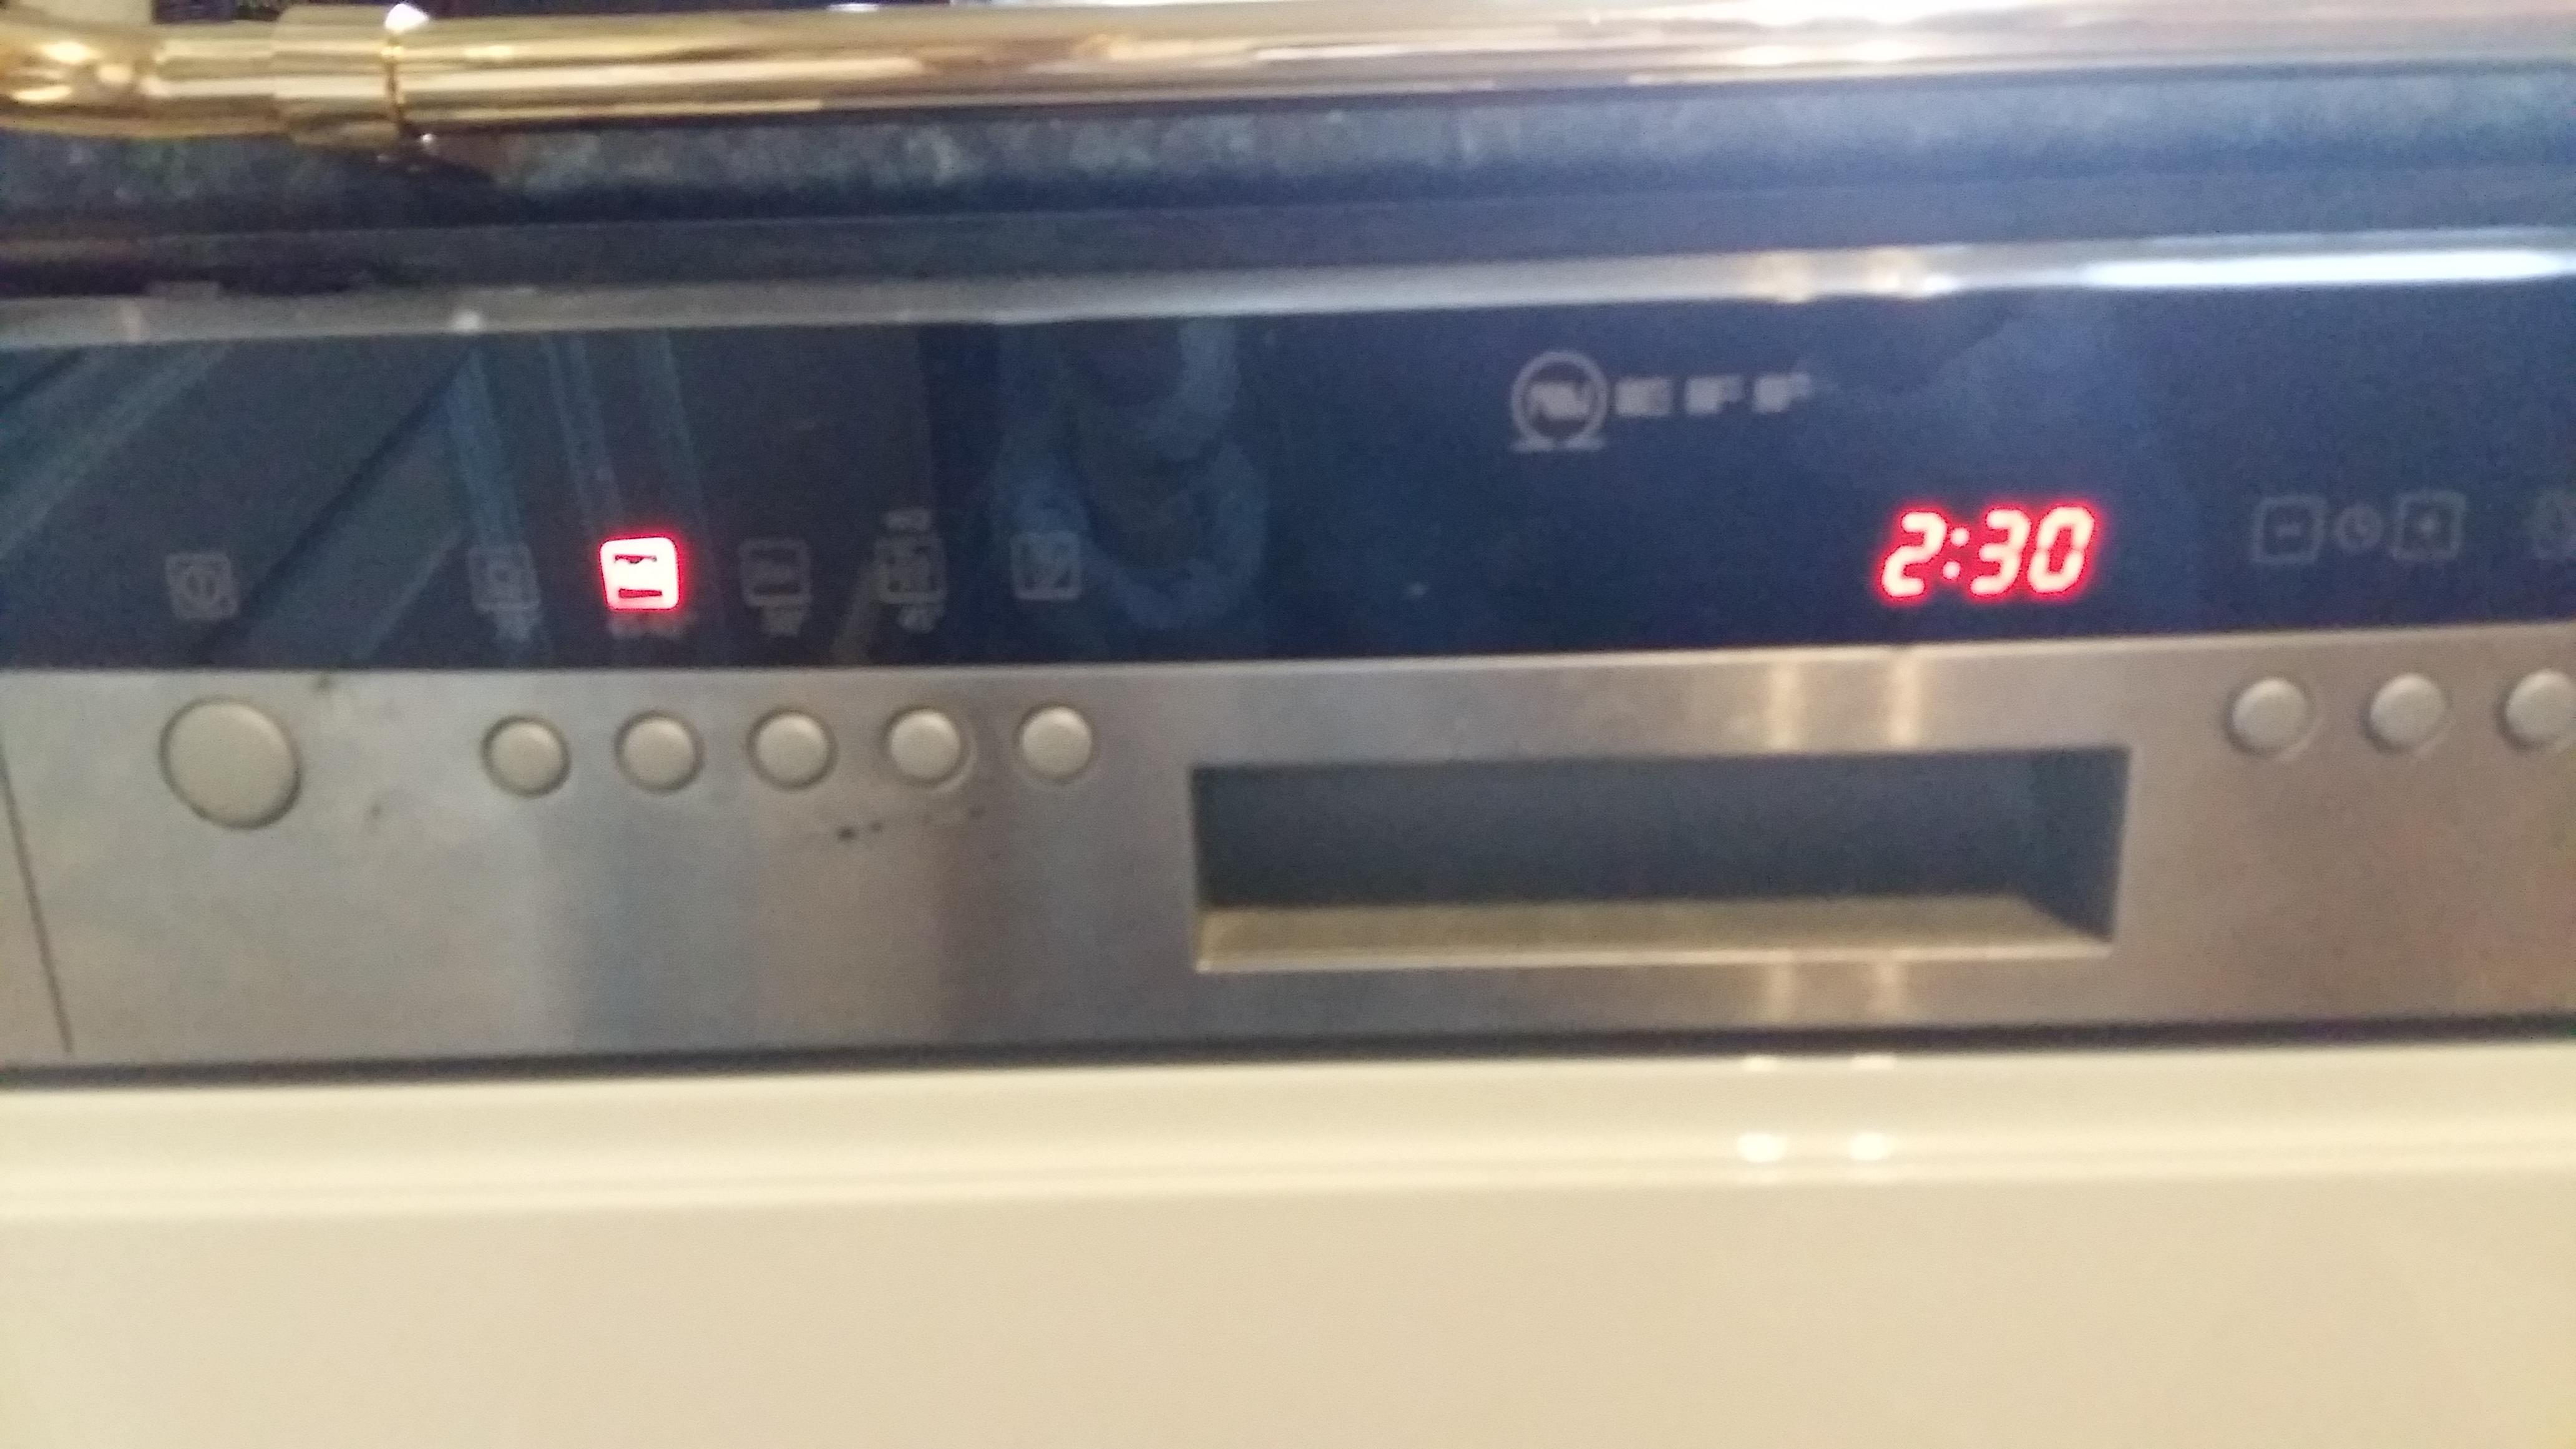 Aeg Kühlschrank Innenbeleuchtung Blinkt : Bedienungsanleitung aeg sks s kühlschrank kwh jahr a